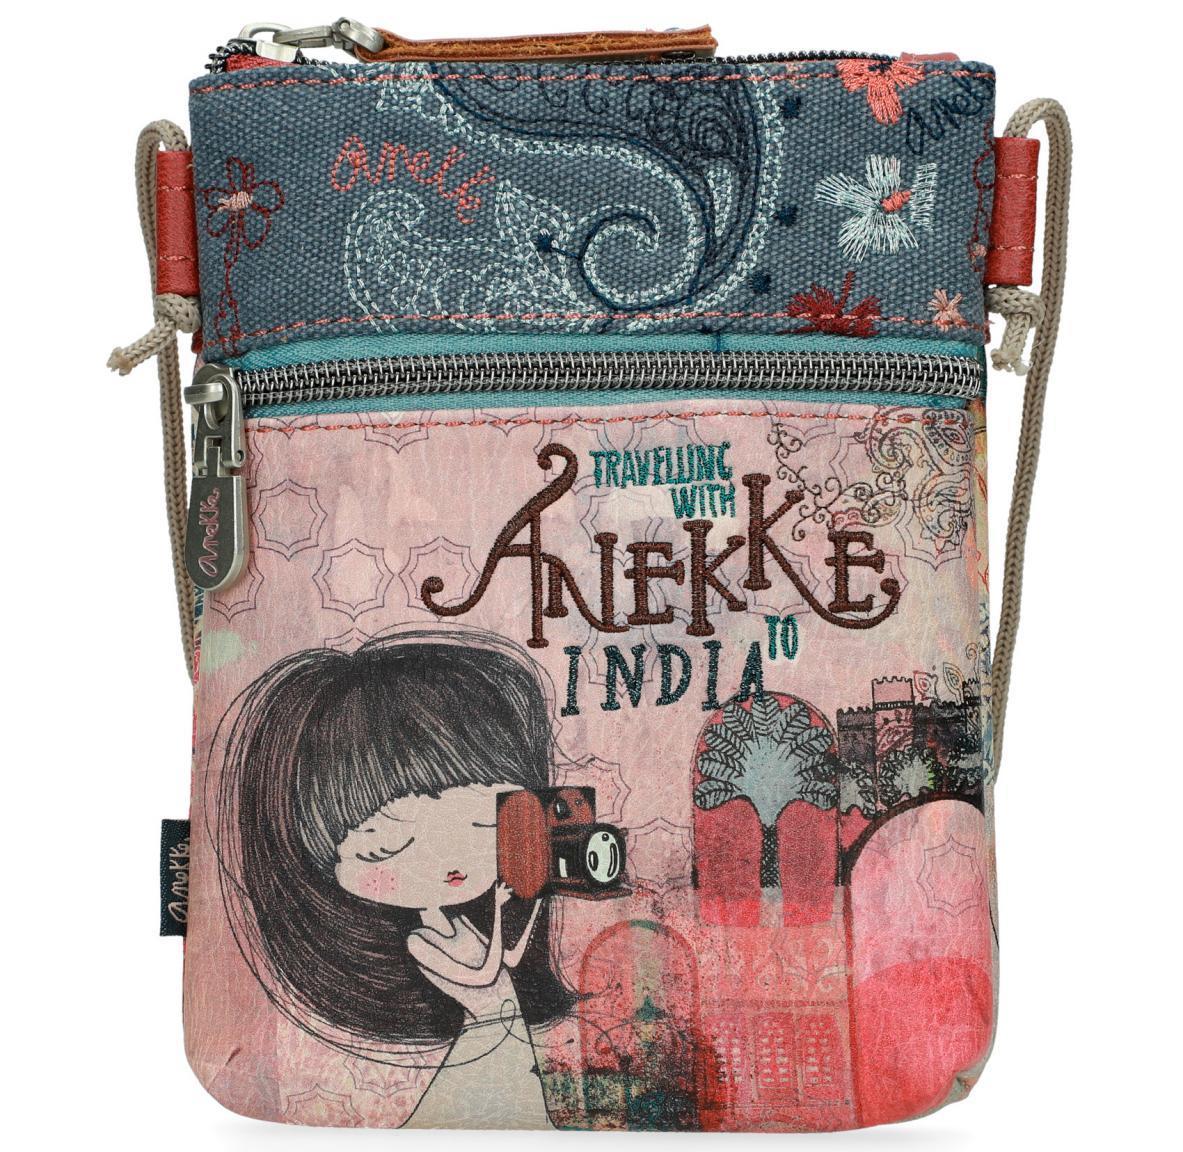 Täschchen Anekke India Comic-Print Stickerei